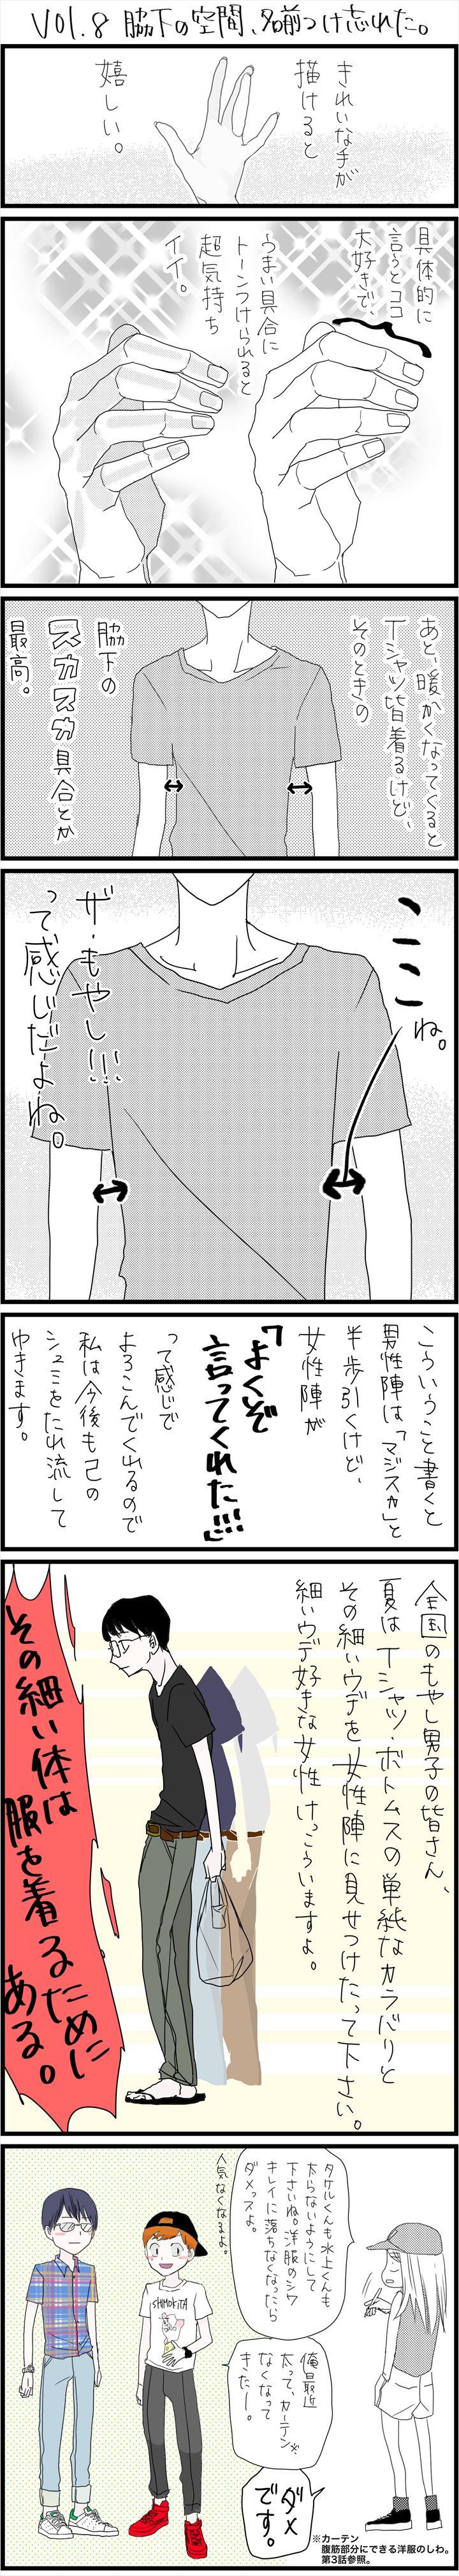 yajima8_R